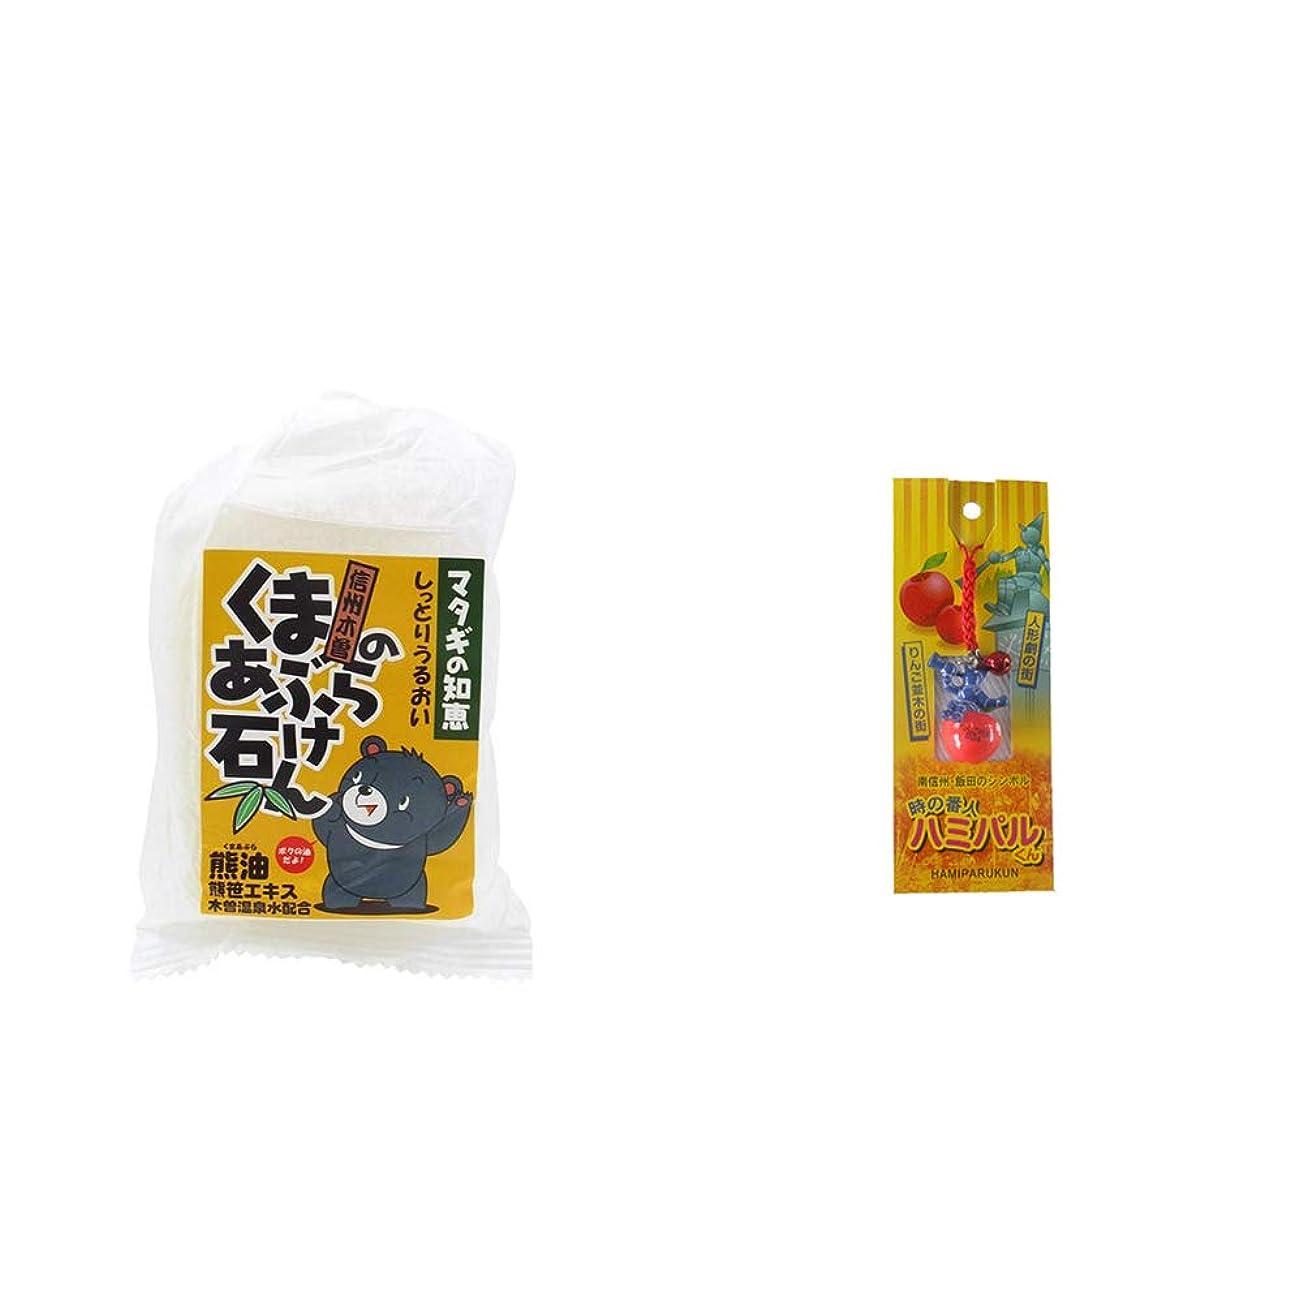 [2点セット] 信州木曽 くまのあぶら石けん(80g)?信州?飯田のシンボル 時の番人ハミパルくんストラップ